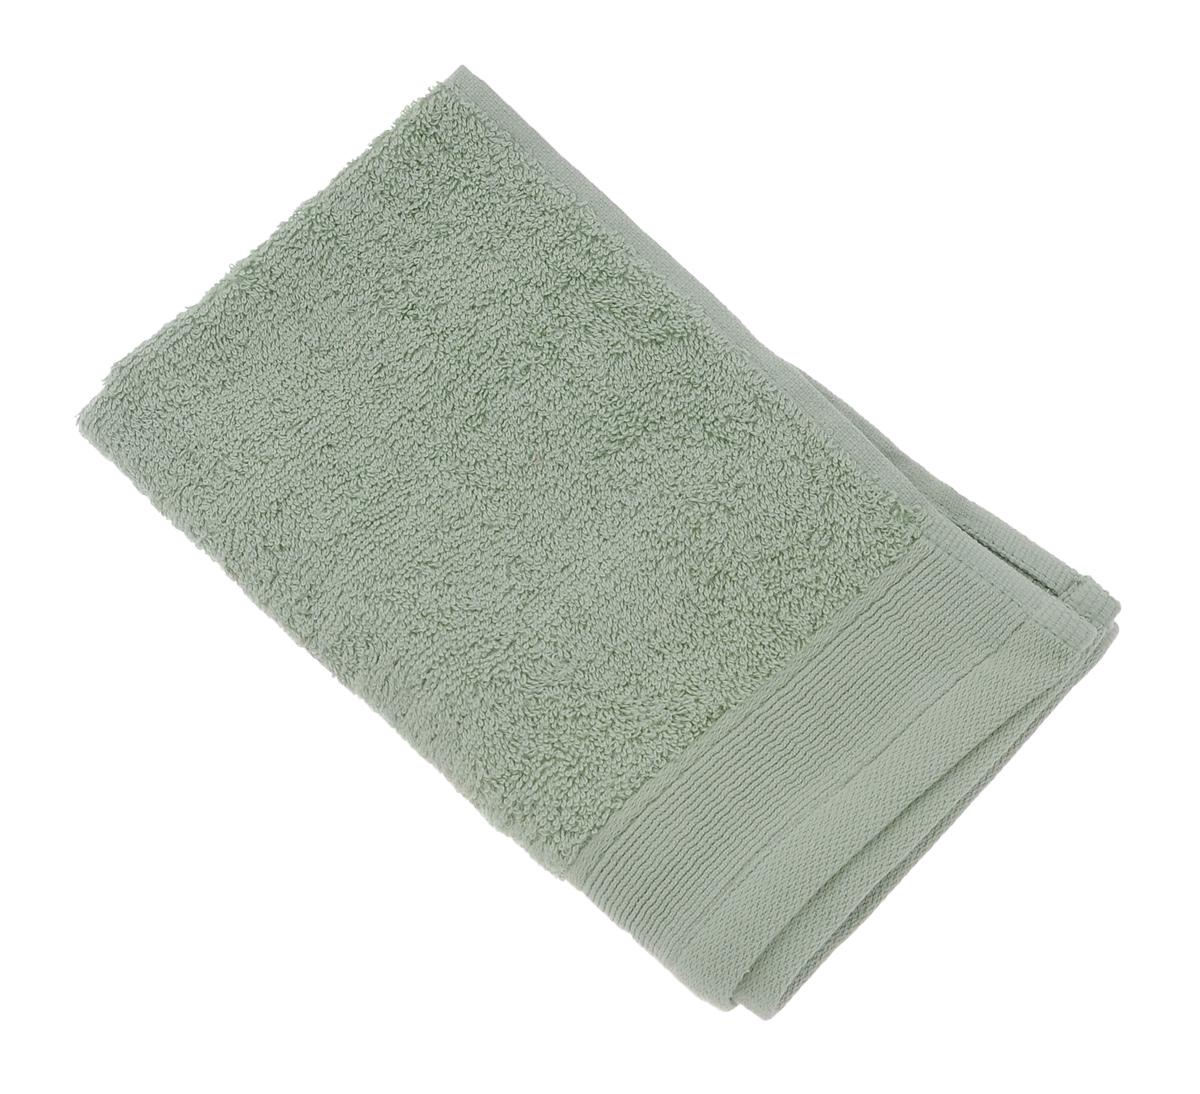 Полотенце махровое Guten Morgen, цвет: светло-зеленый, 30 х 50 смПМсз-30-50Махровое полотенце Guten Morgen, изготовленное из натурального хлопка, прекрасно впитывает влагу и быстро сохнет. Высокая плотность ткани делает полотенце мягкими, прочными и пушистыми. При соблюдении рекомендаций по уходу изделие сохраняет яркость цвета и не теряет форму даже после многократных стирок. Махровое полотенце Guten Morgen станет достойным выбором для вас и приятным подарком для ваших близких. Мягкость и высокое качество материала, из которого изготовлено полотенце, не оставит вас равнодушными.